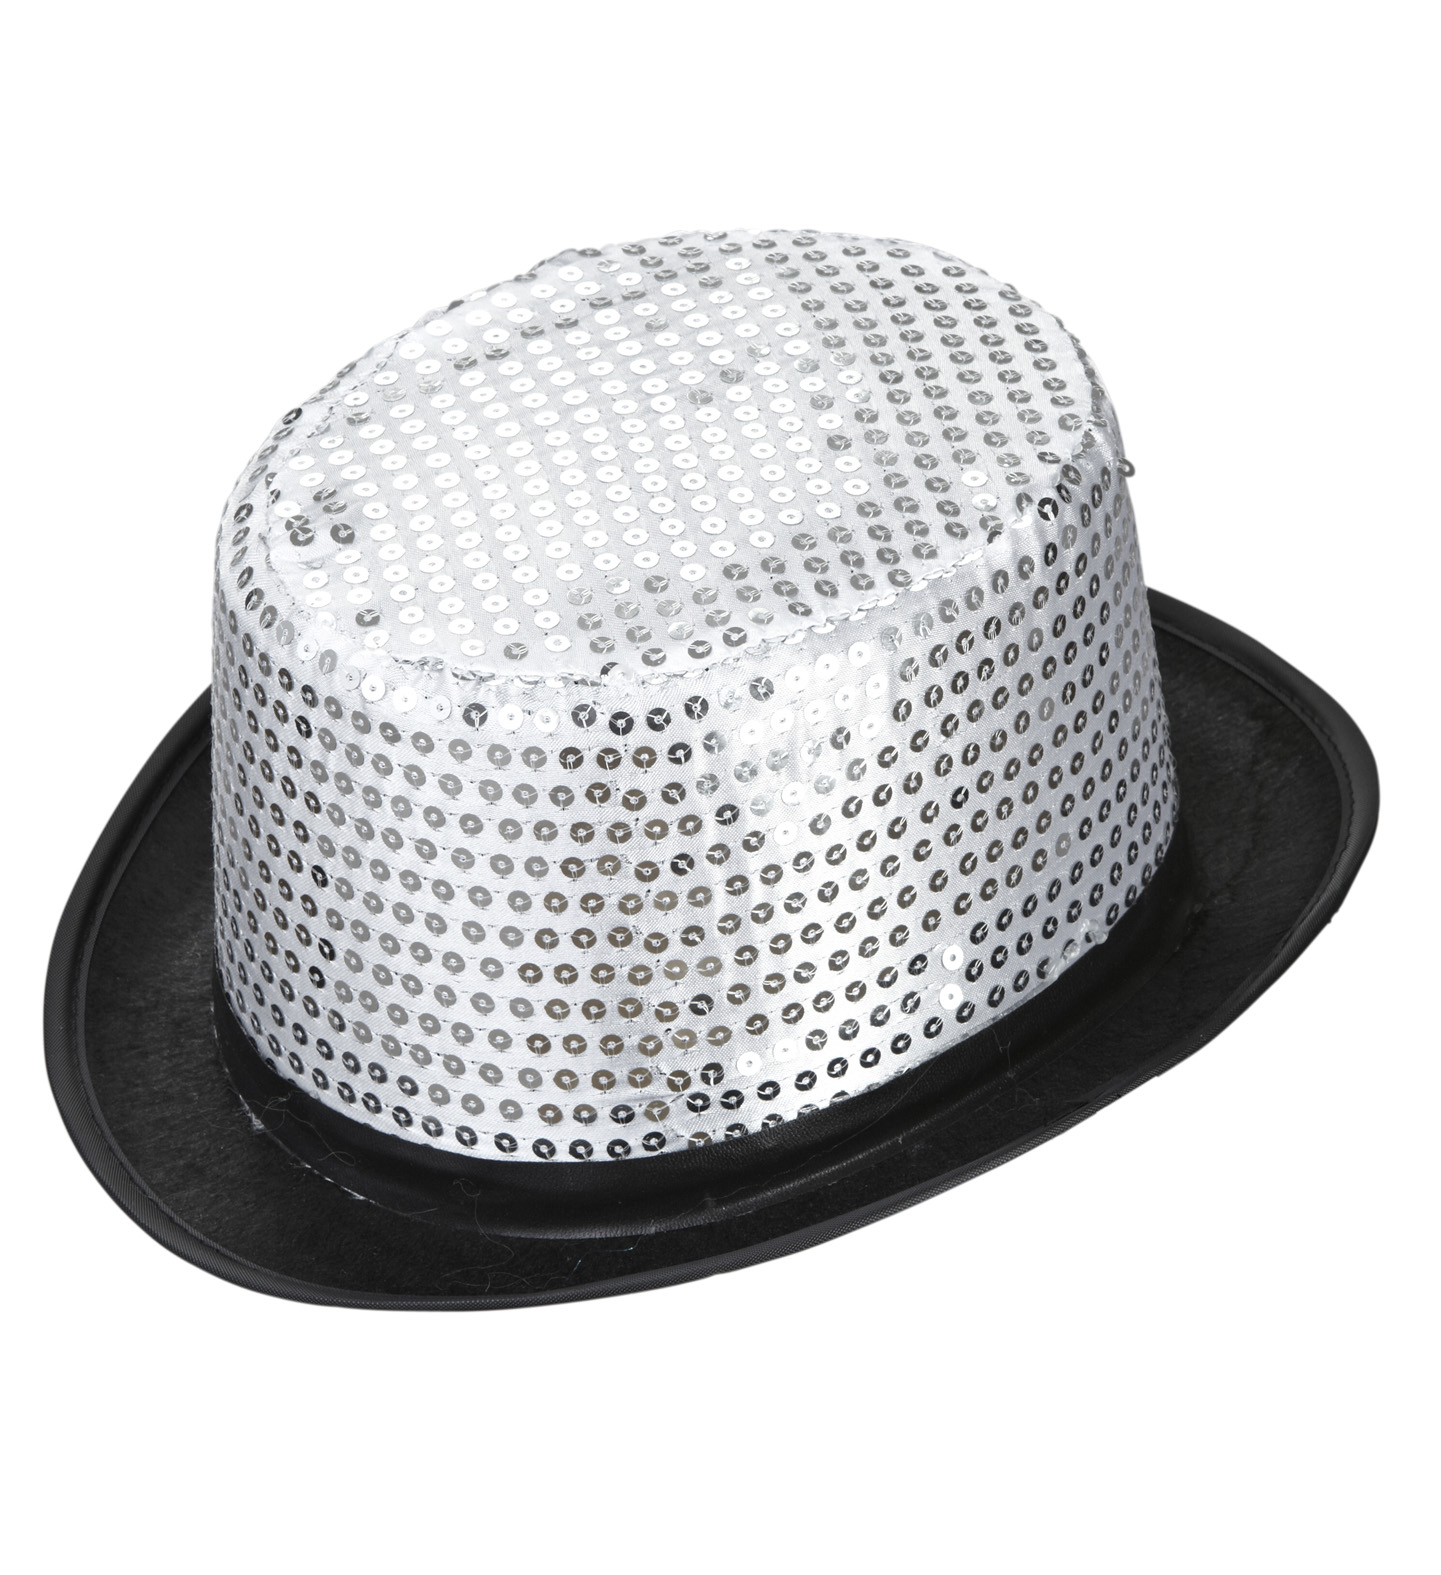 Sequin Top Hat Felt Hat Fancy Dress